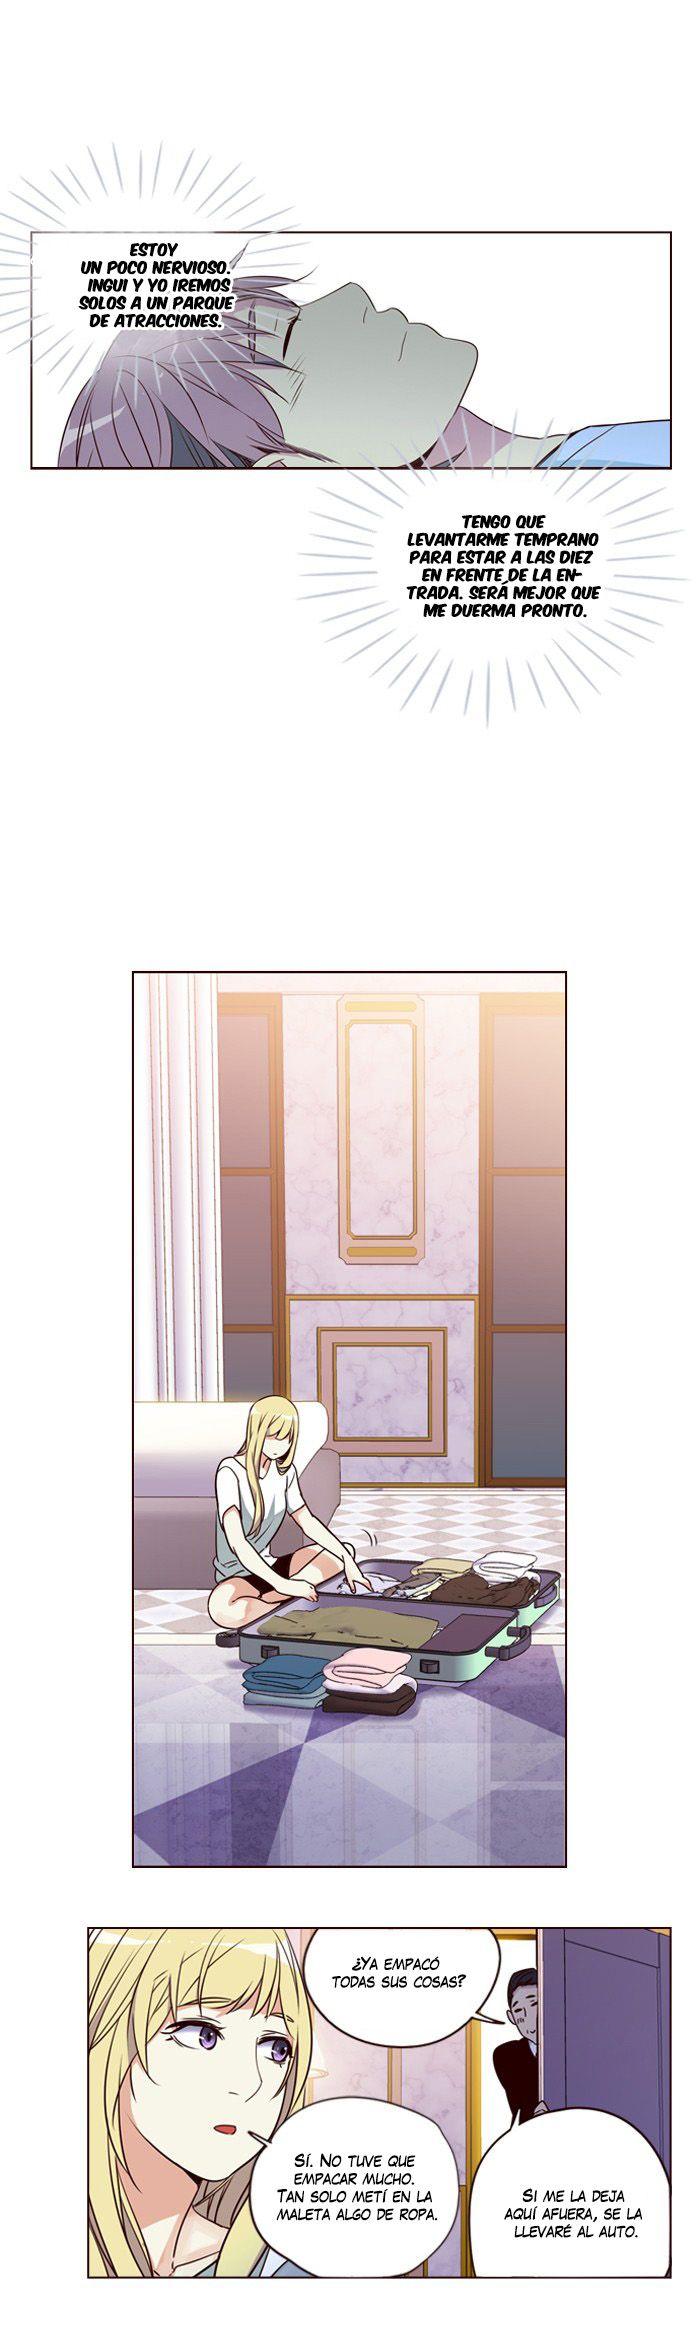 http://c5.ninemanga.com/es_manga/pic2/32/416/506209/72dee70a8d52e44dd4e2bd463b806ffe.jpg Page 6